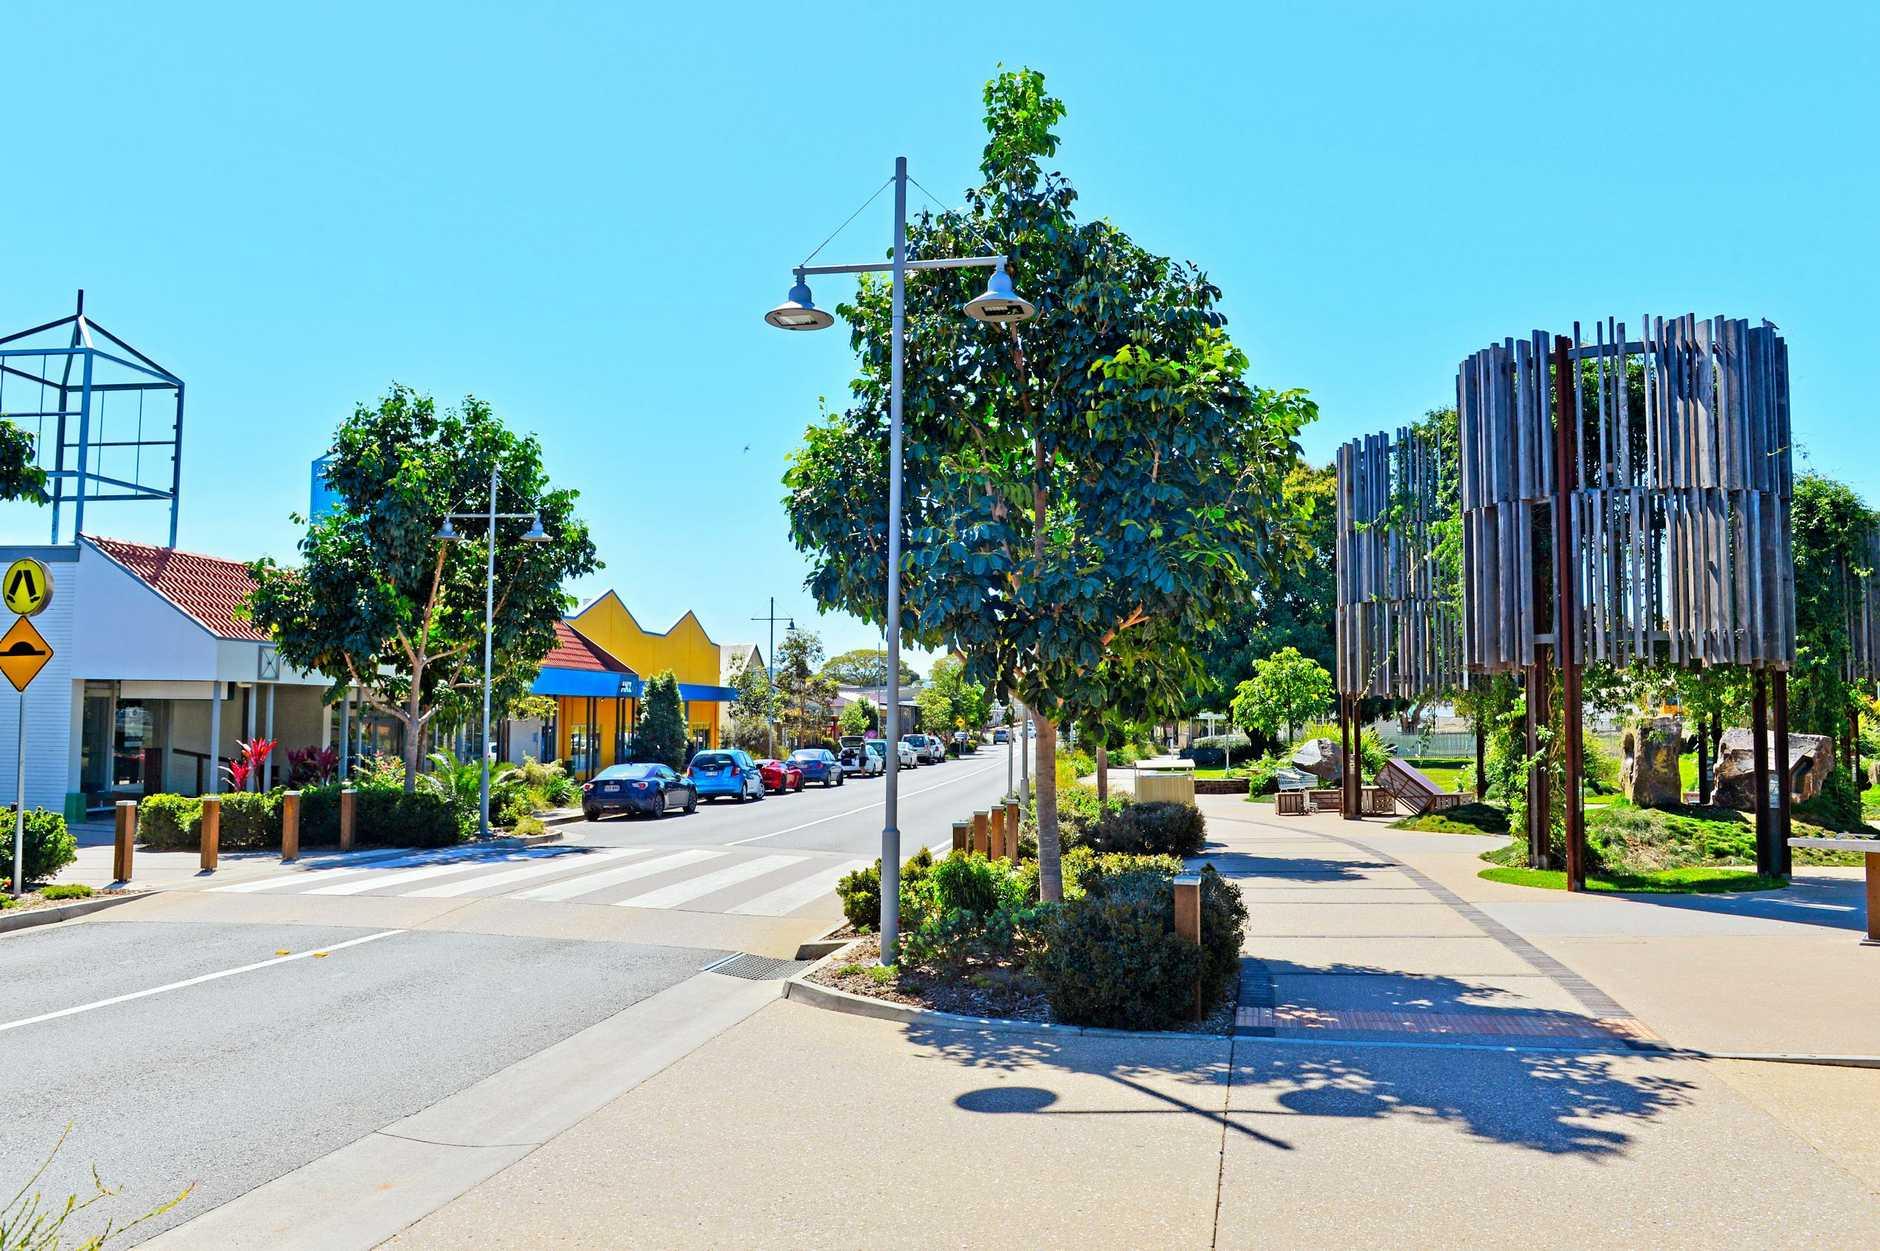 BEERWAH: Simpson Street. The main Street in Beerwah.